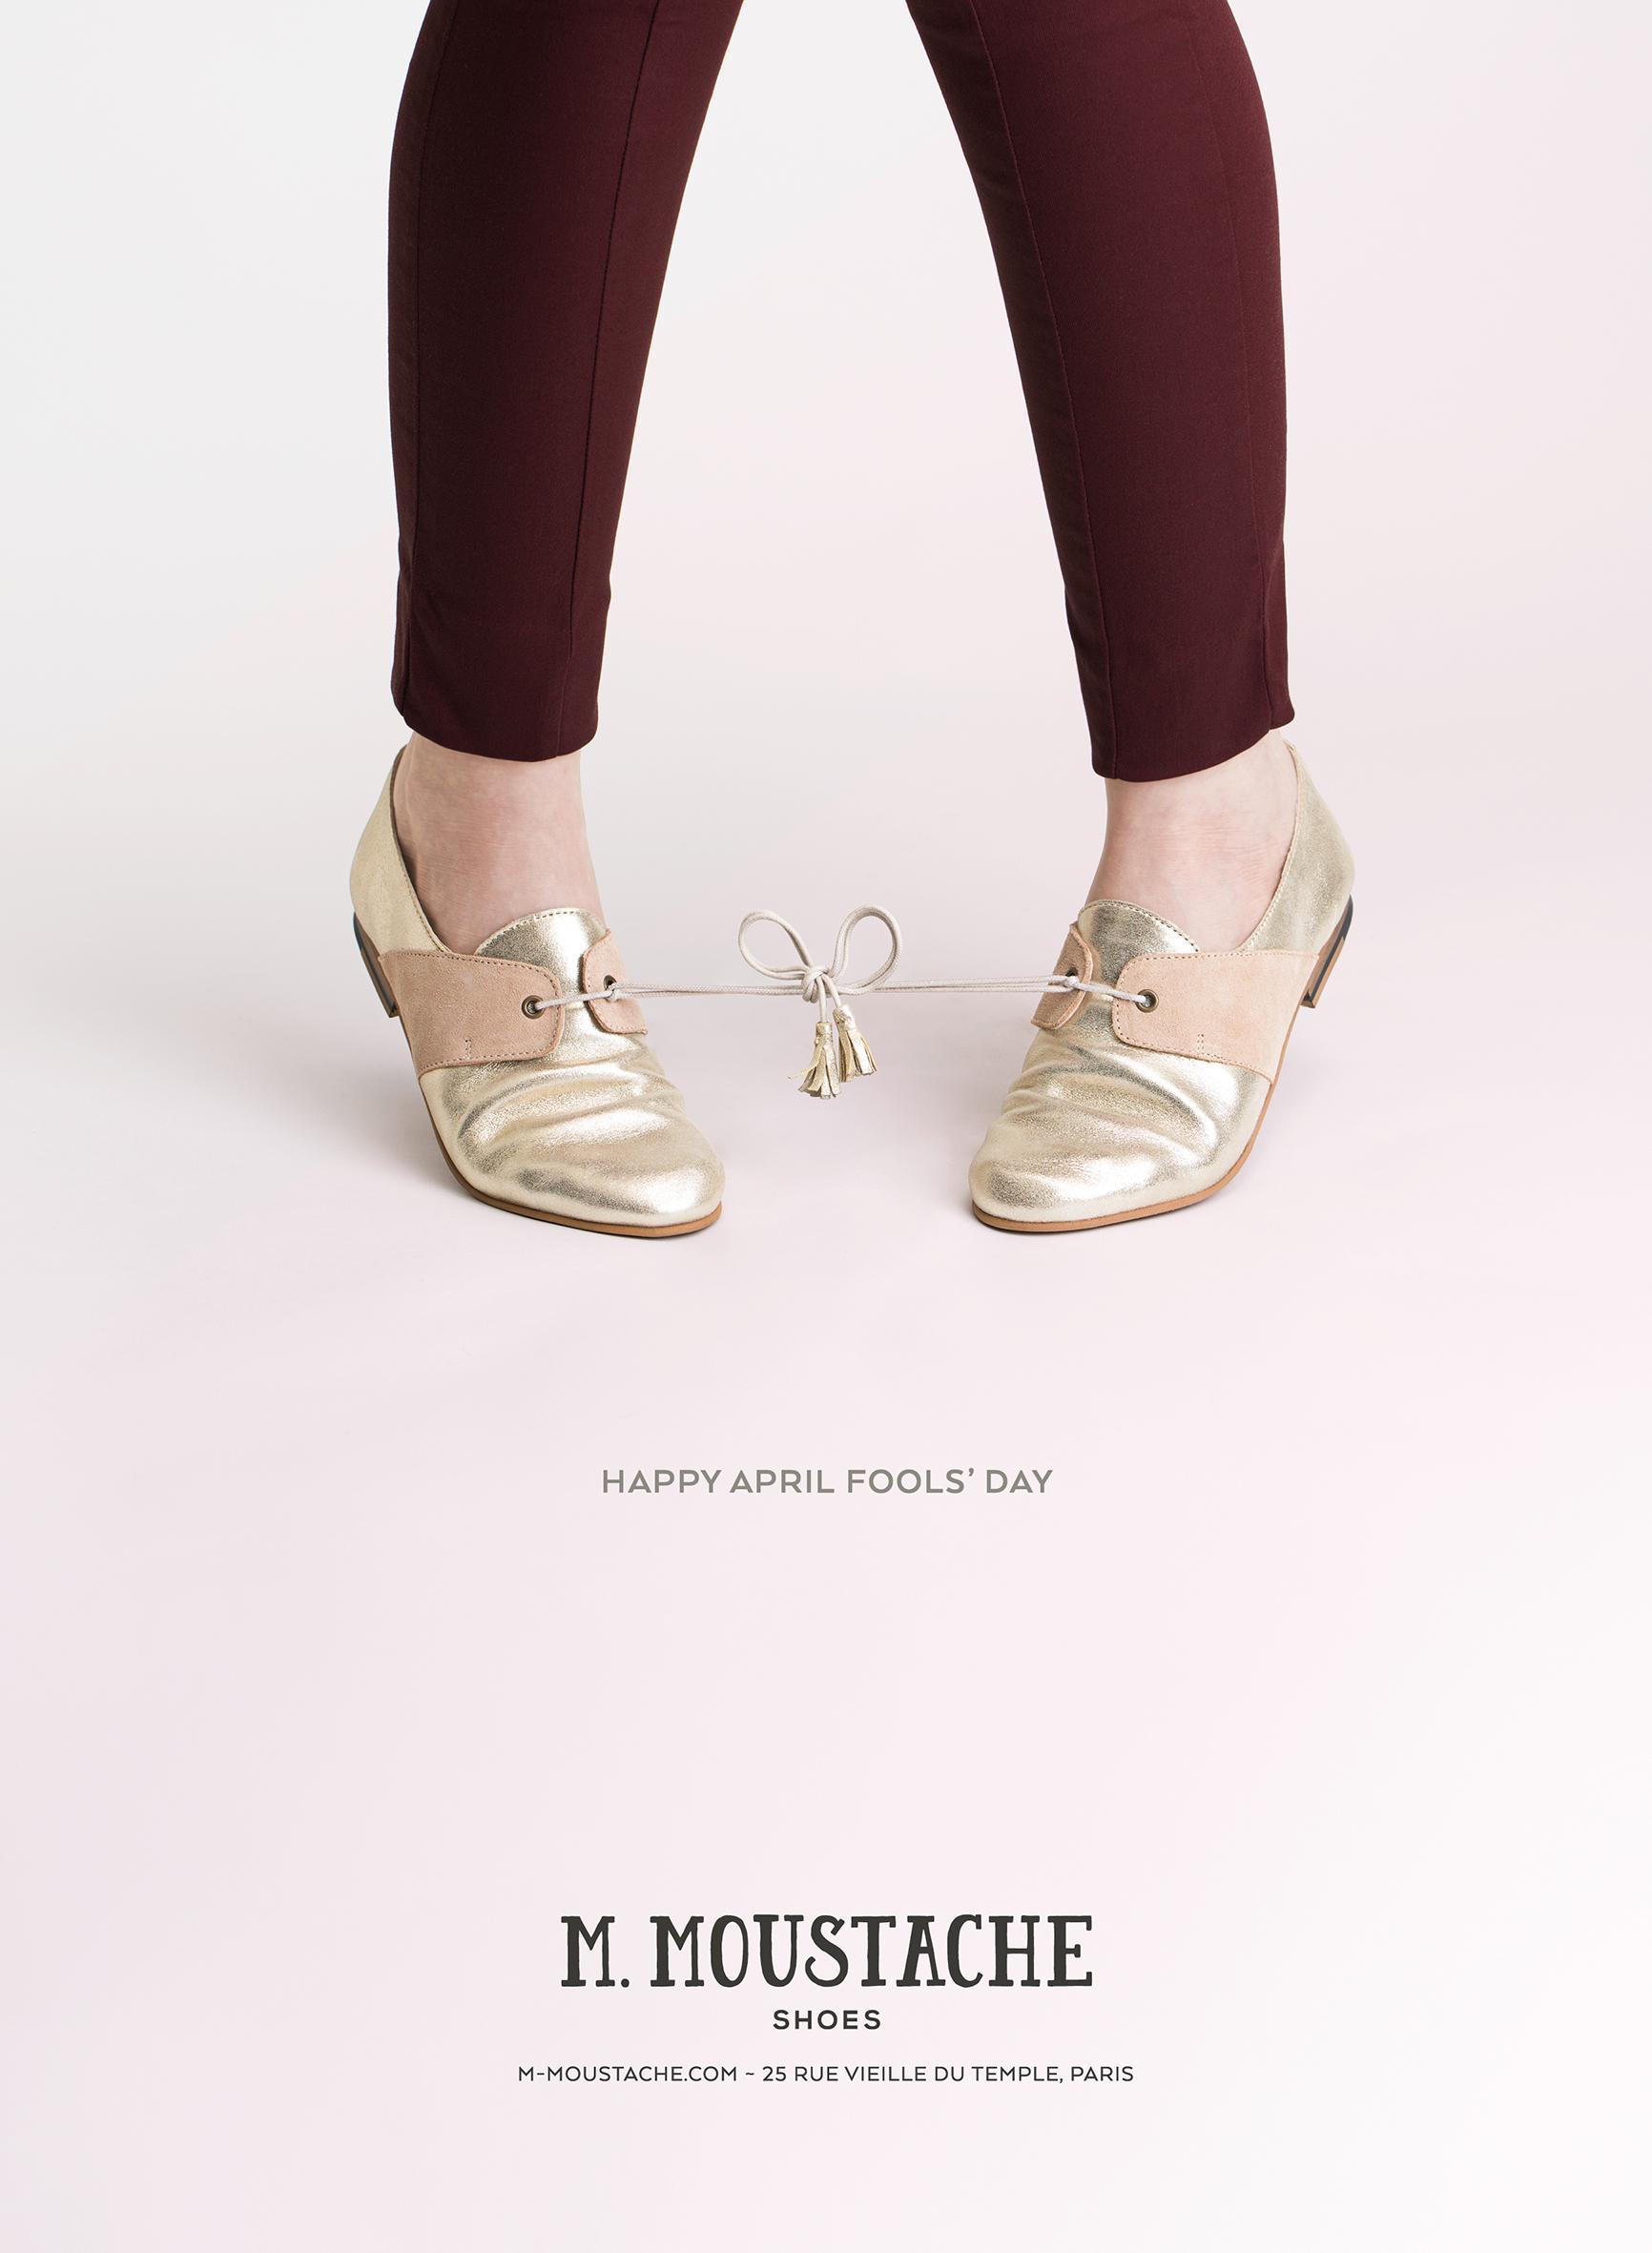 M.Moustache featured in April content calendar